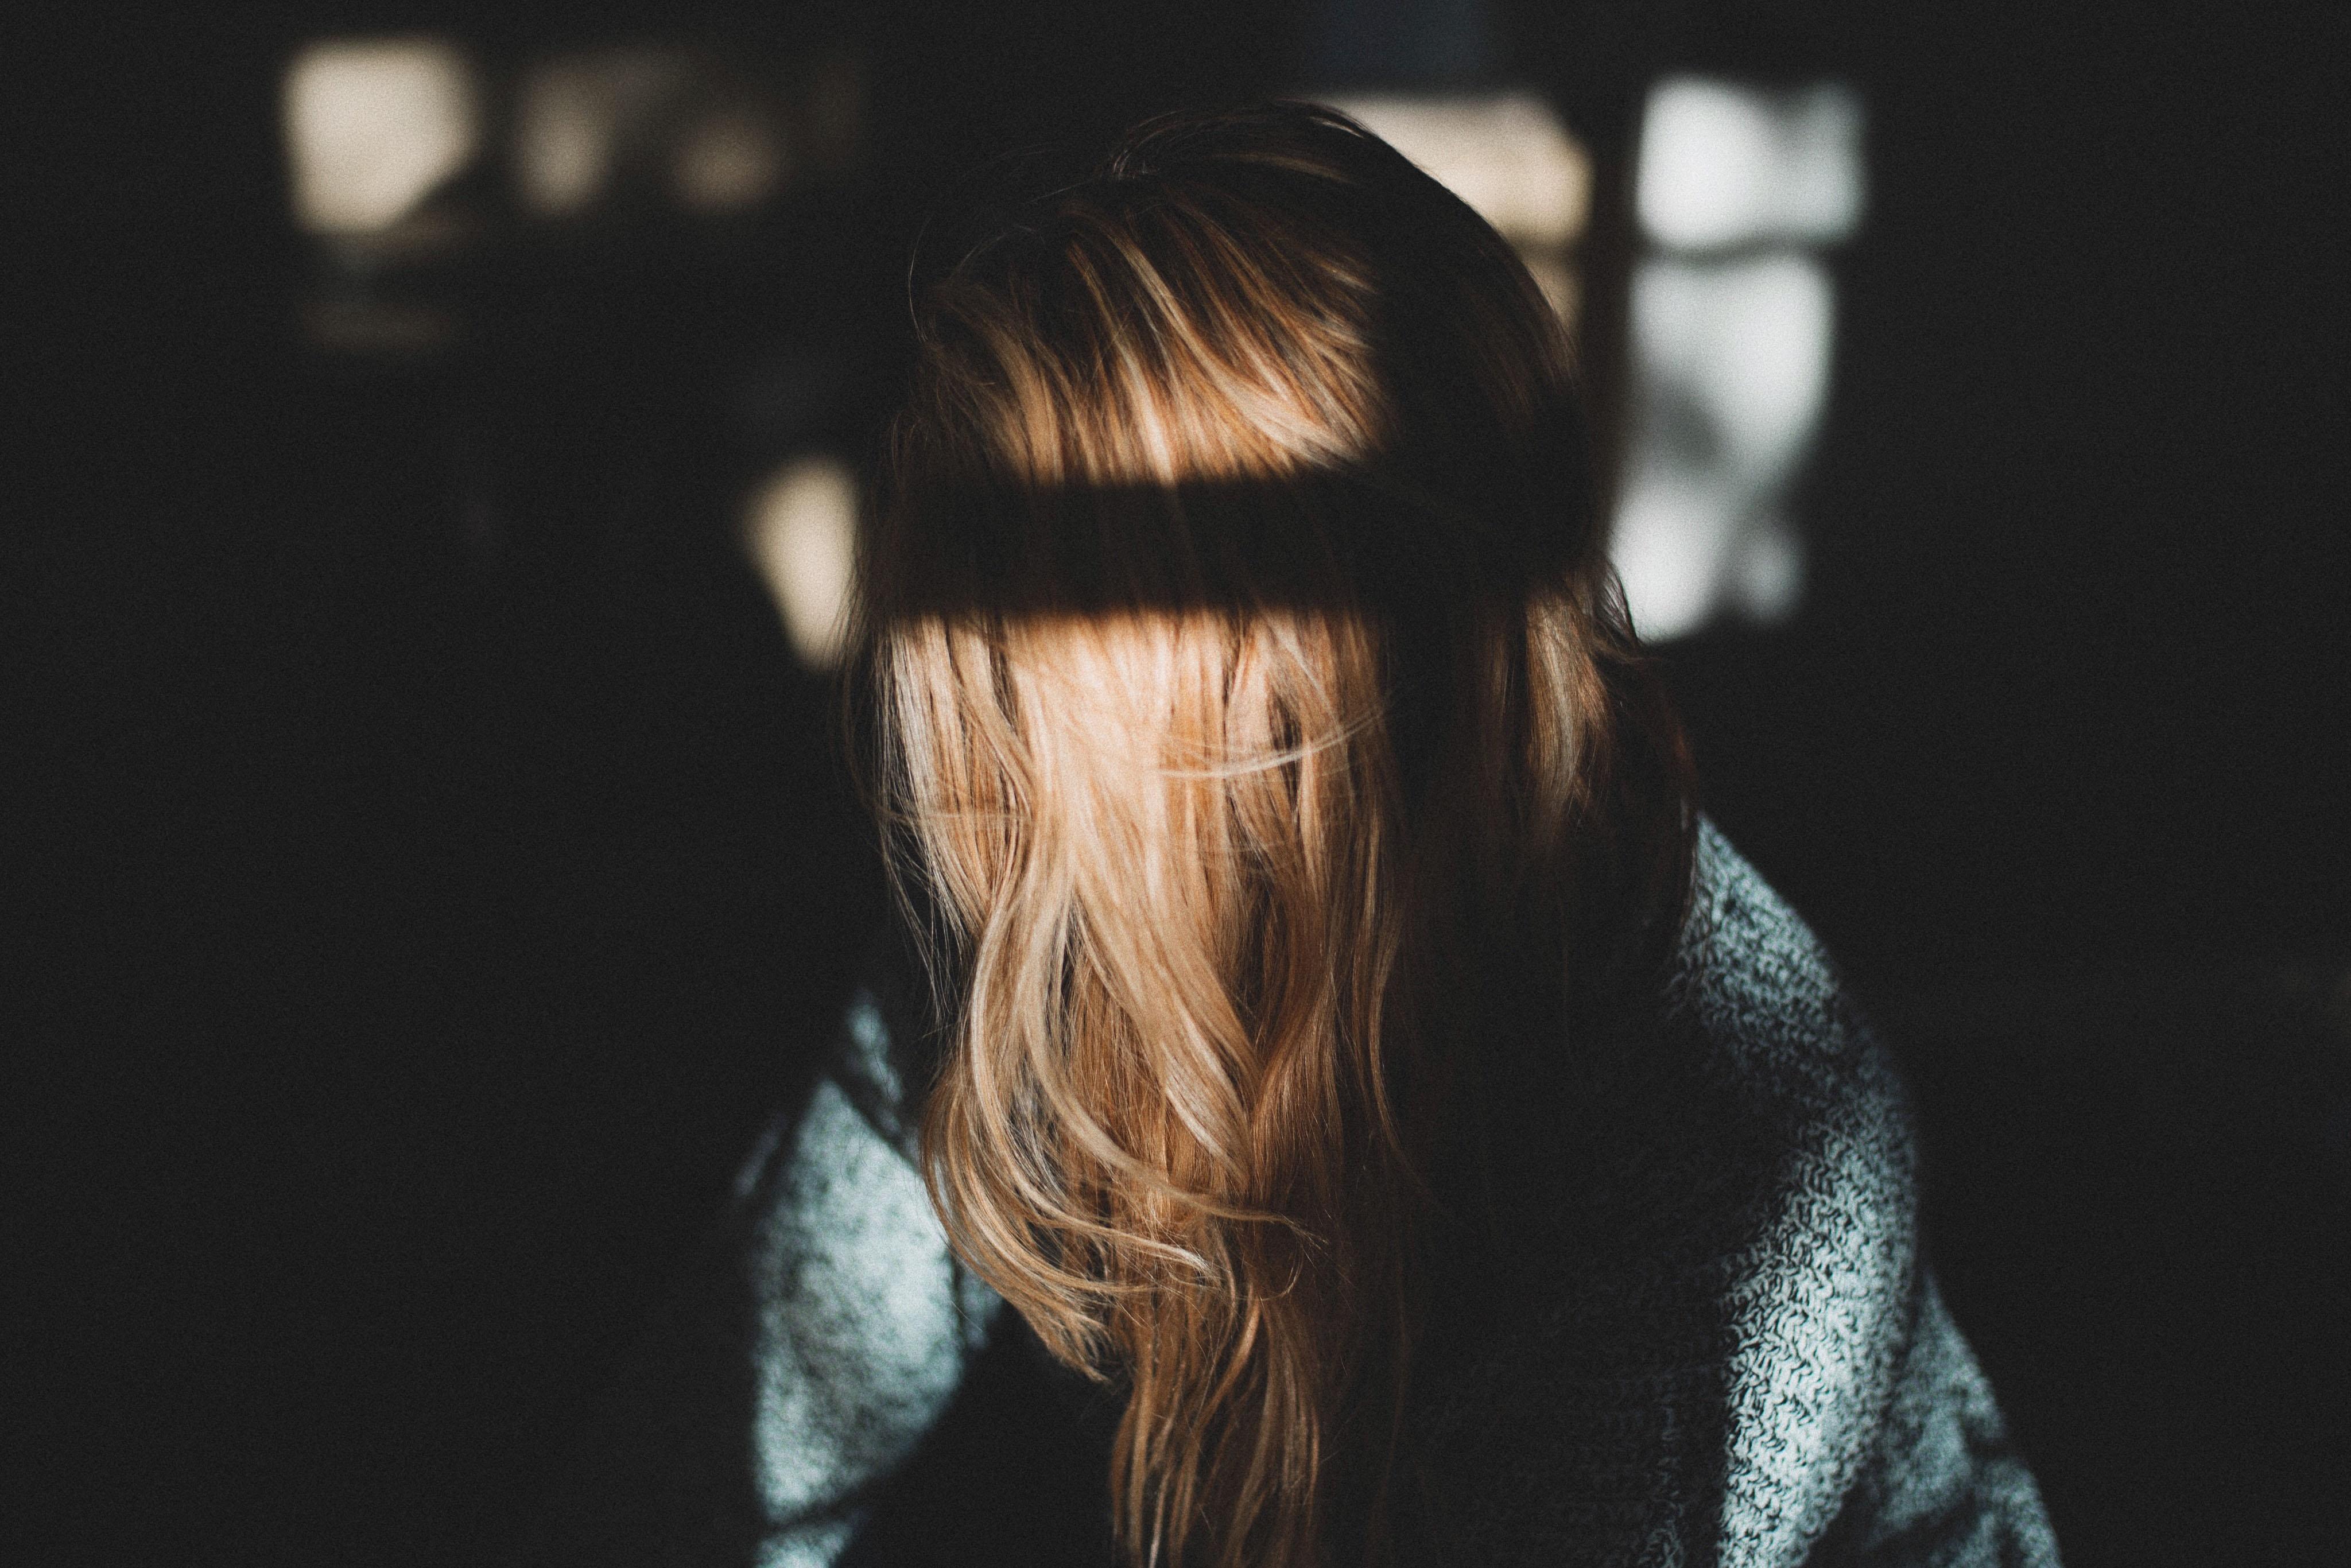 cô gái và mái tóc sáng tối chấn thương tâm lý